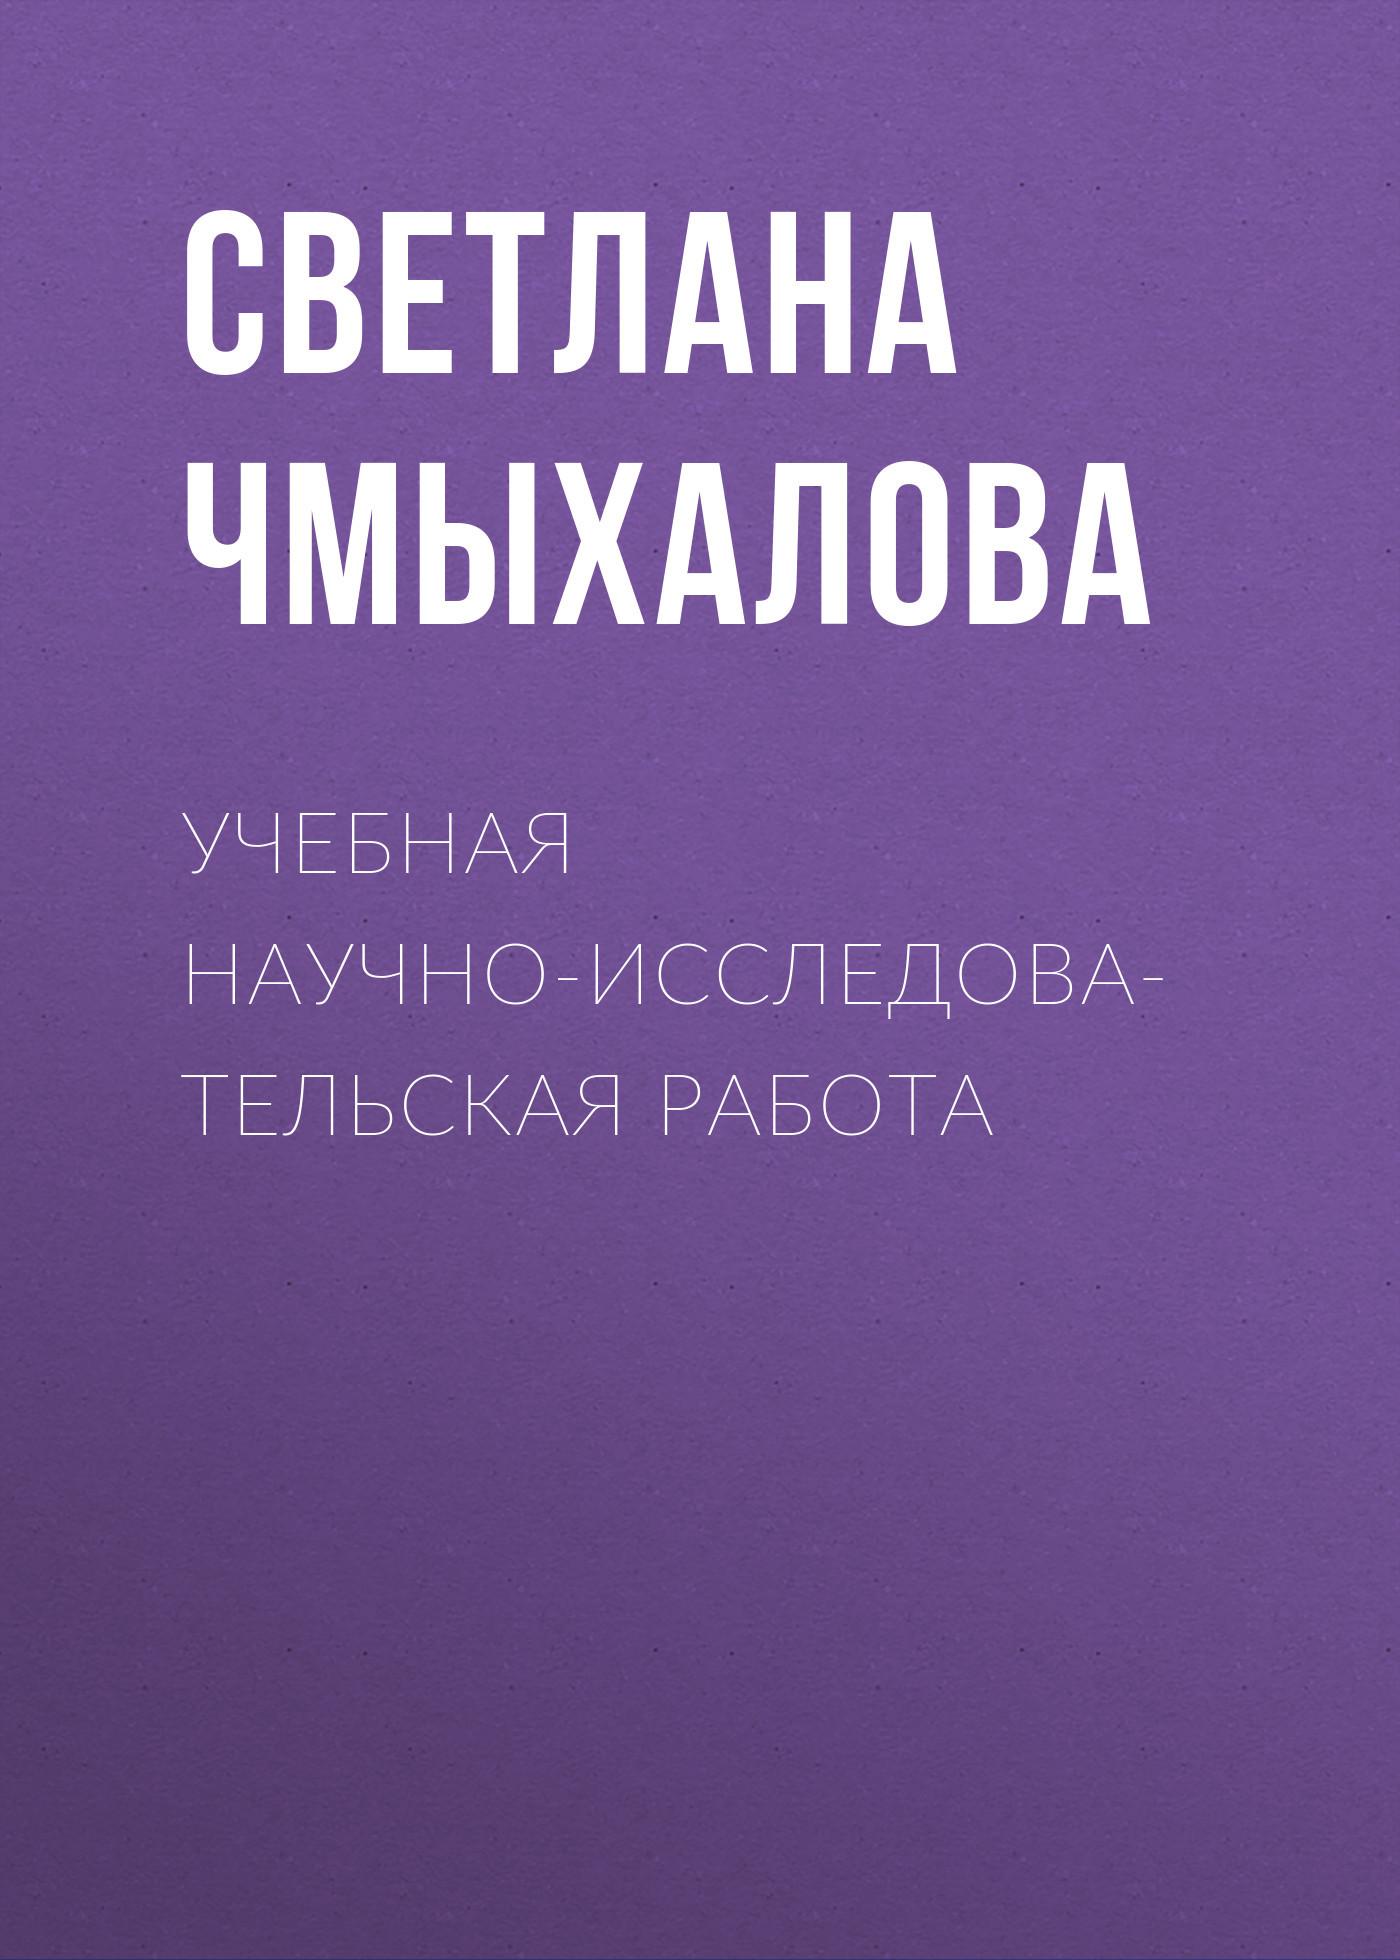 Светлана Чмыхалова. Учебная научно-исследовательская работа